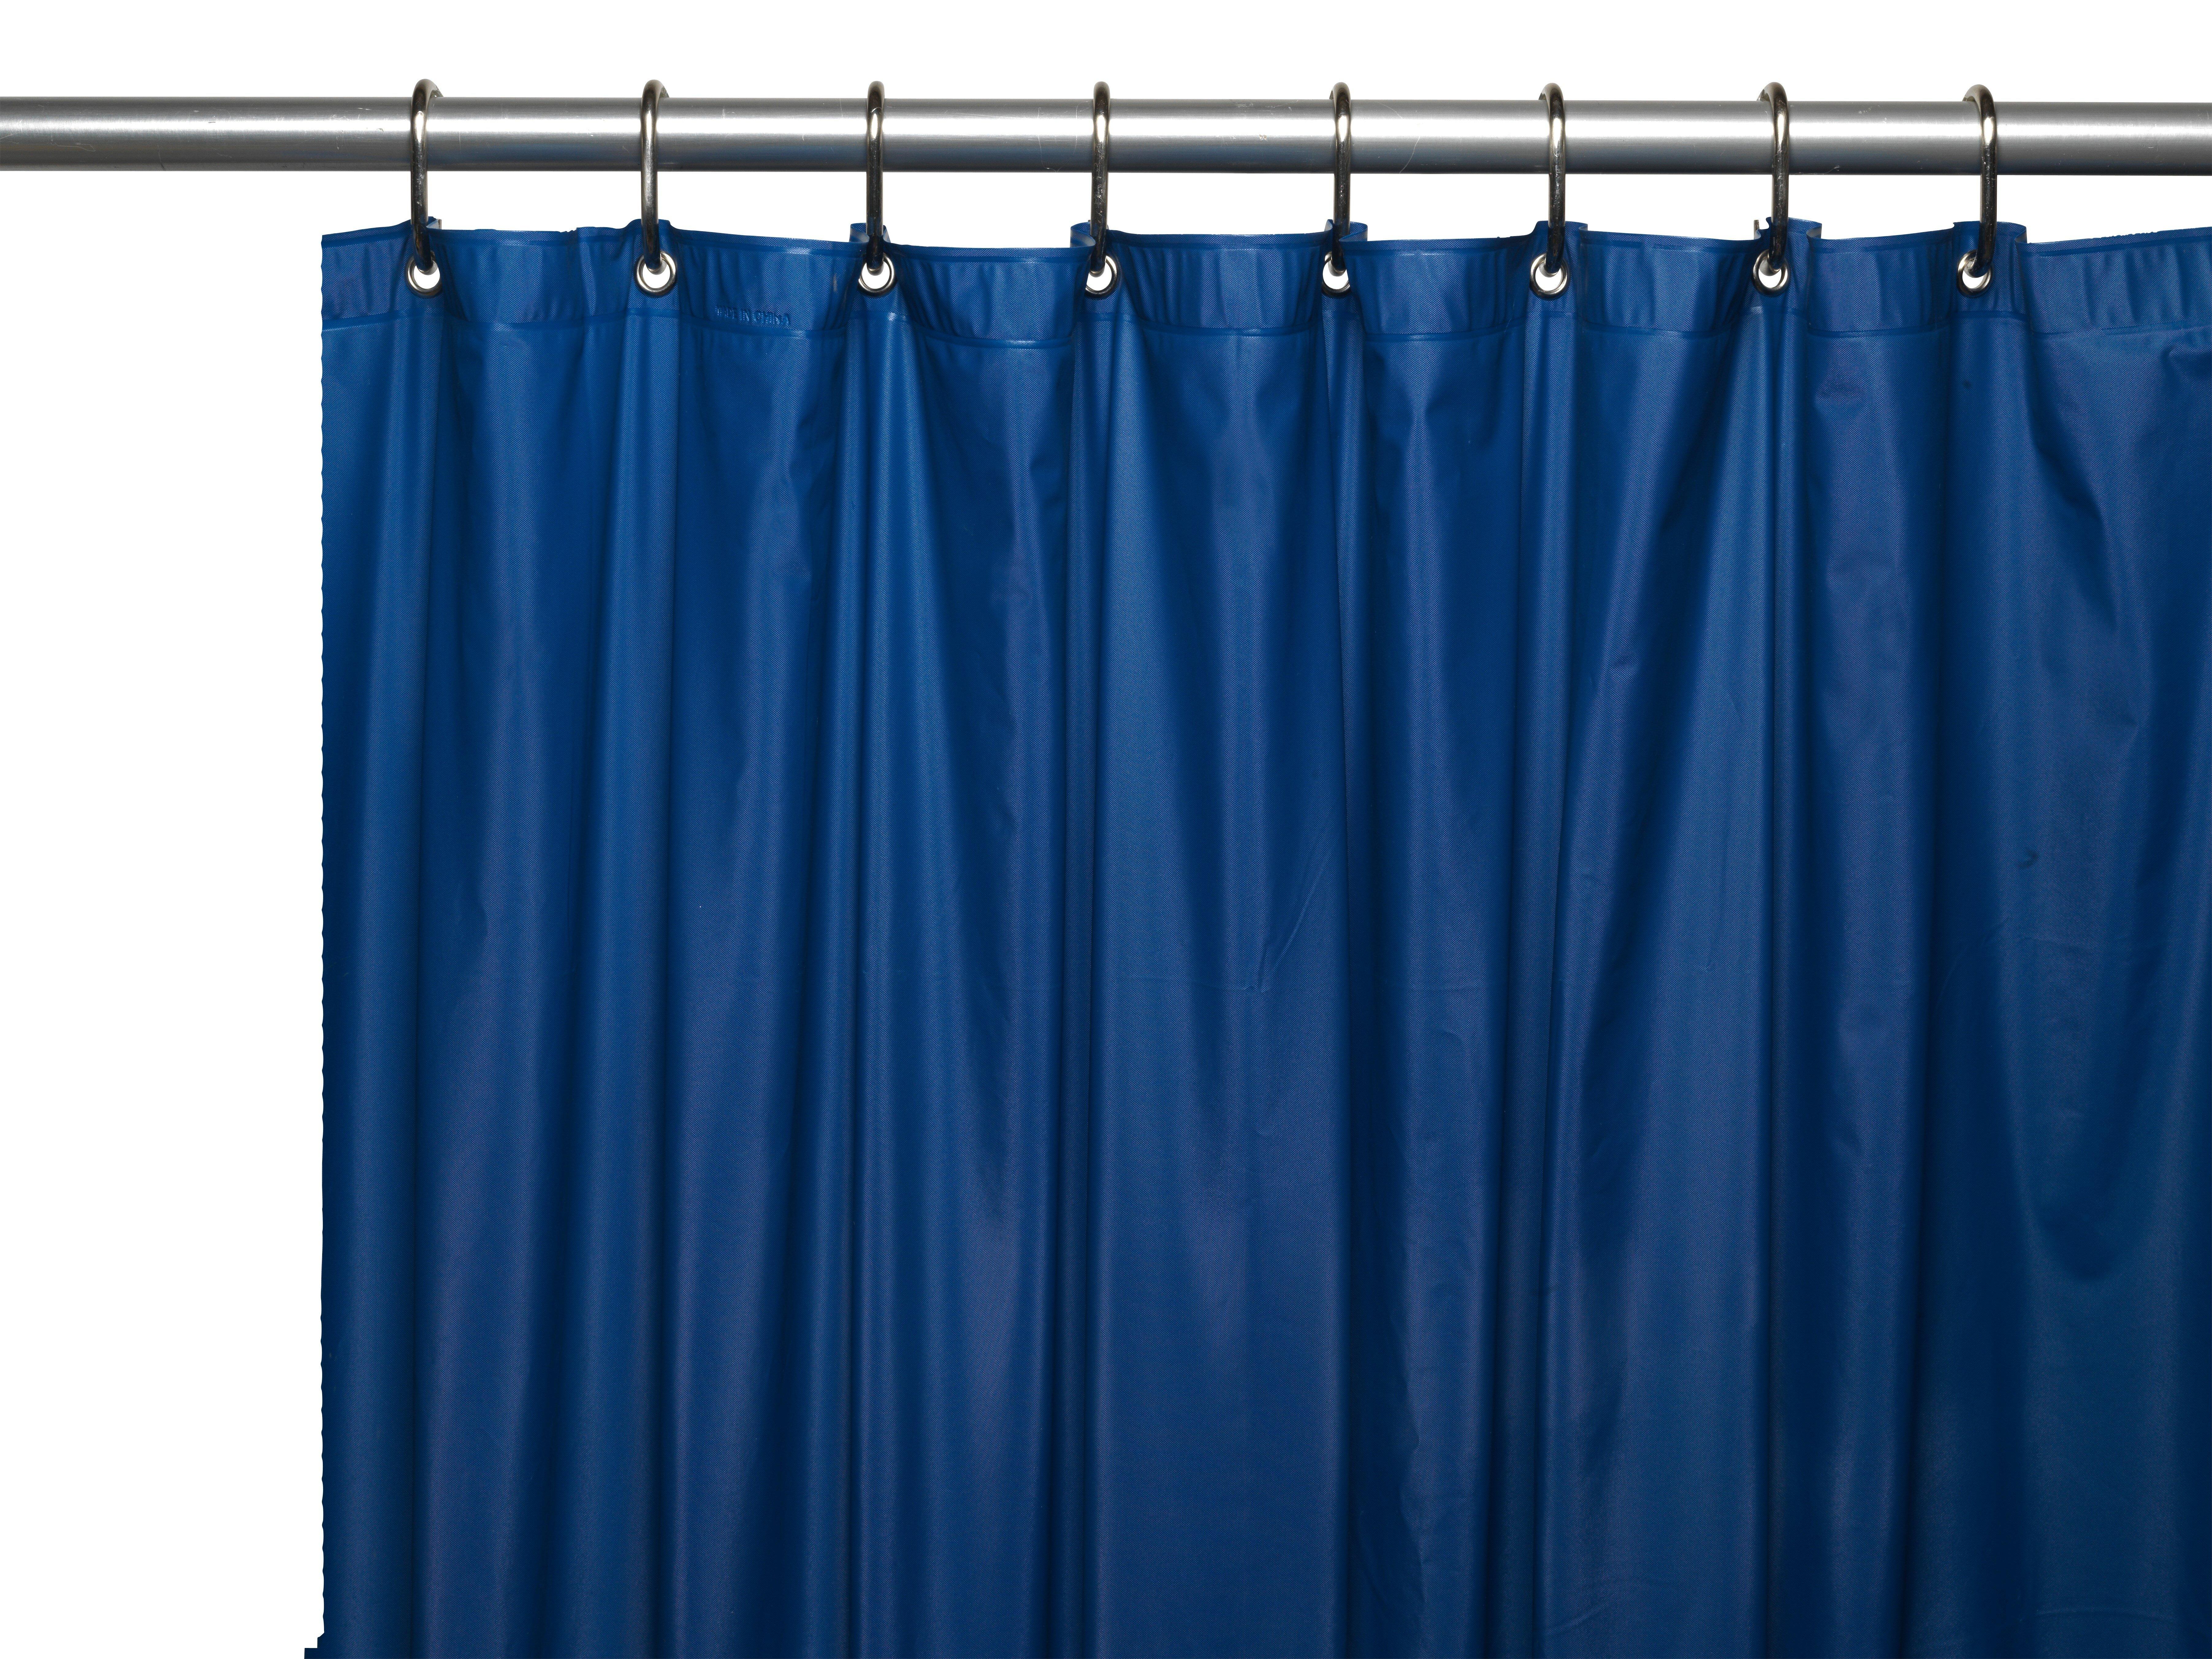 Ben And Jonah Hotel 8 Gauge Vinyl Shower Curtain Liner With Metal Grommets